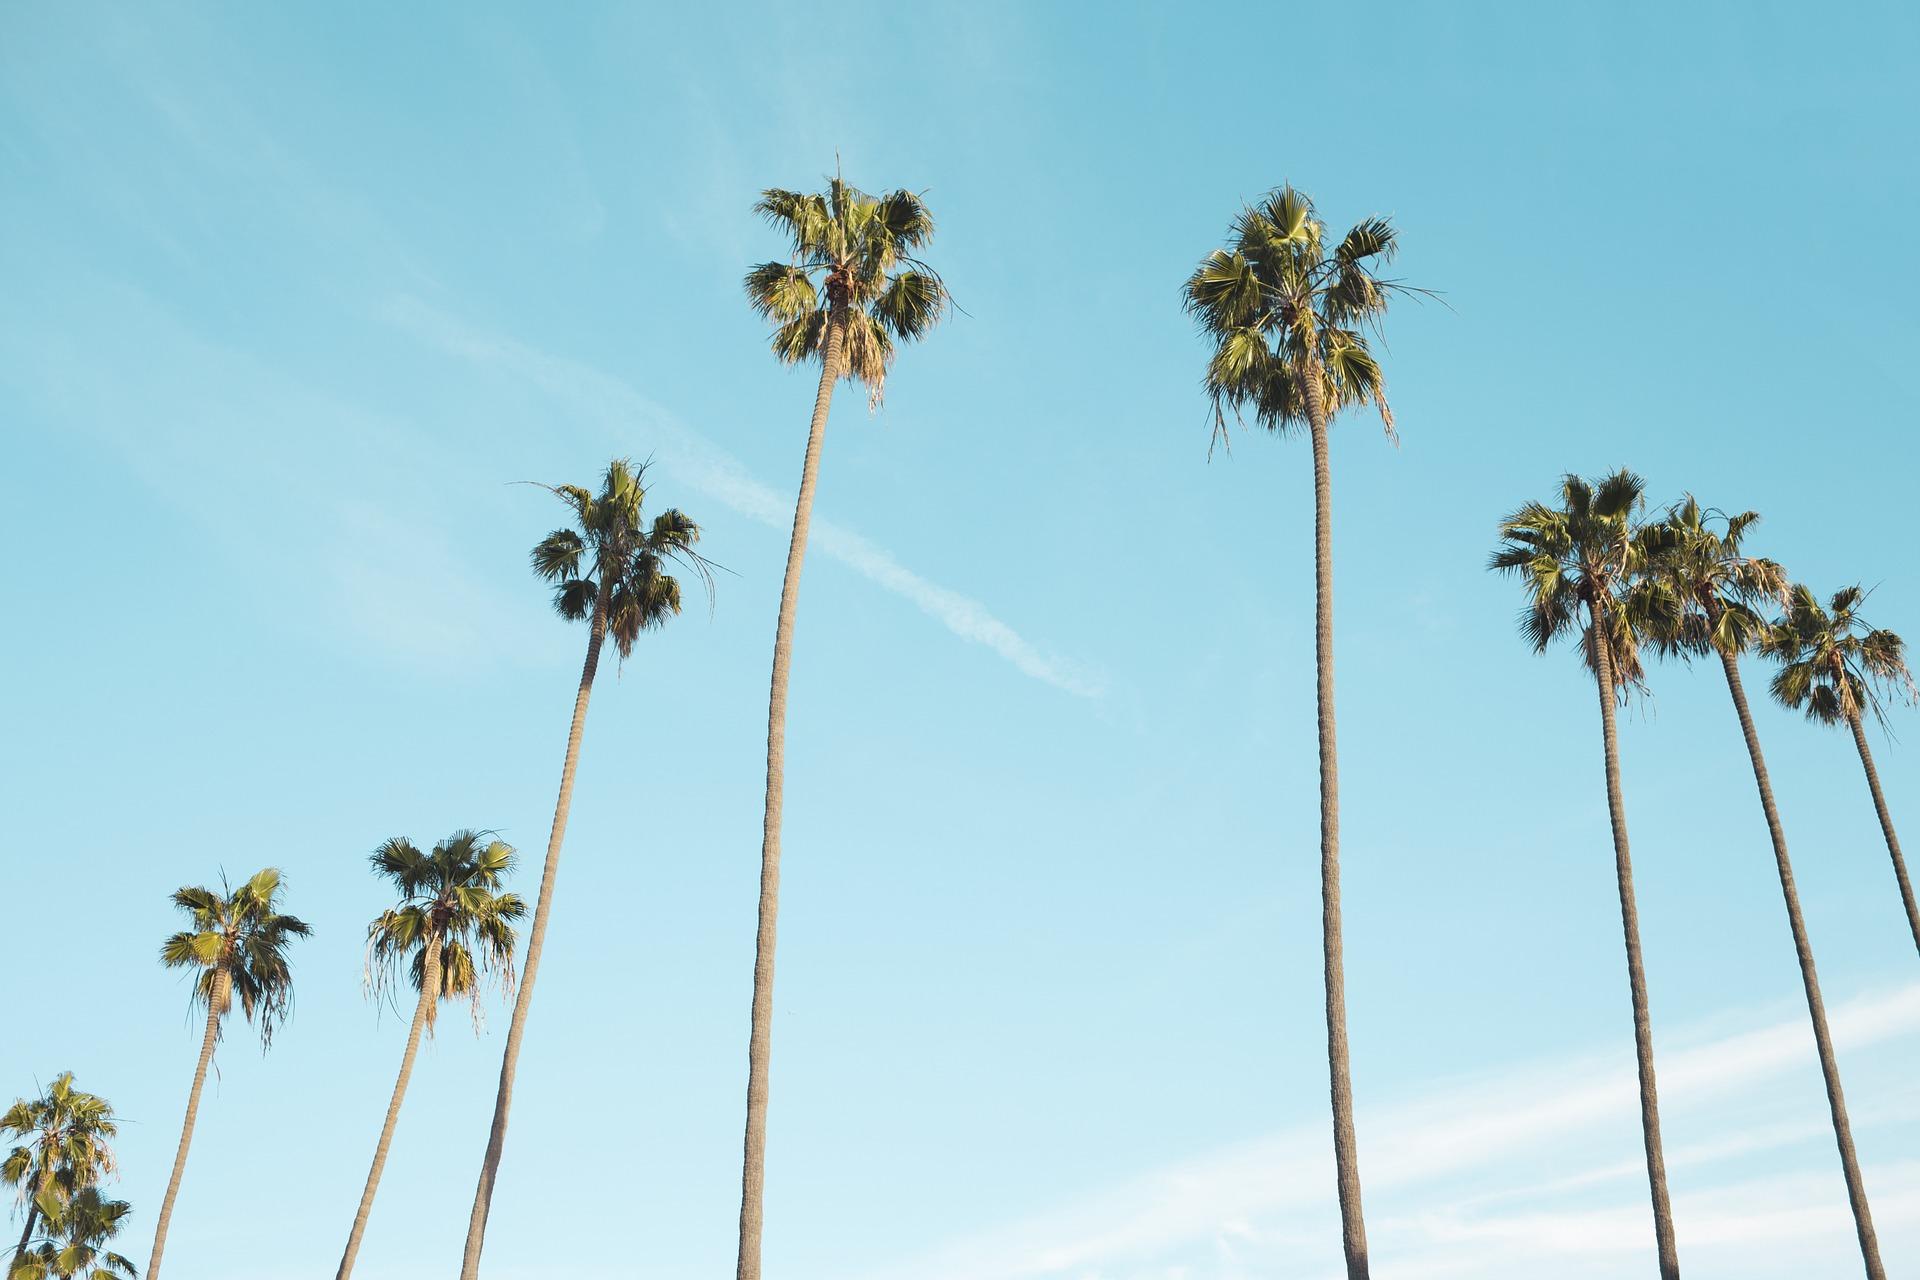 Mucha gente asocia el cielo azul como sinónimo de felicidad